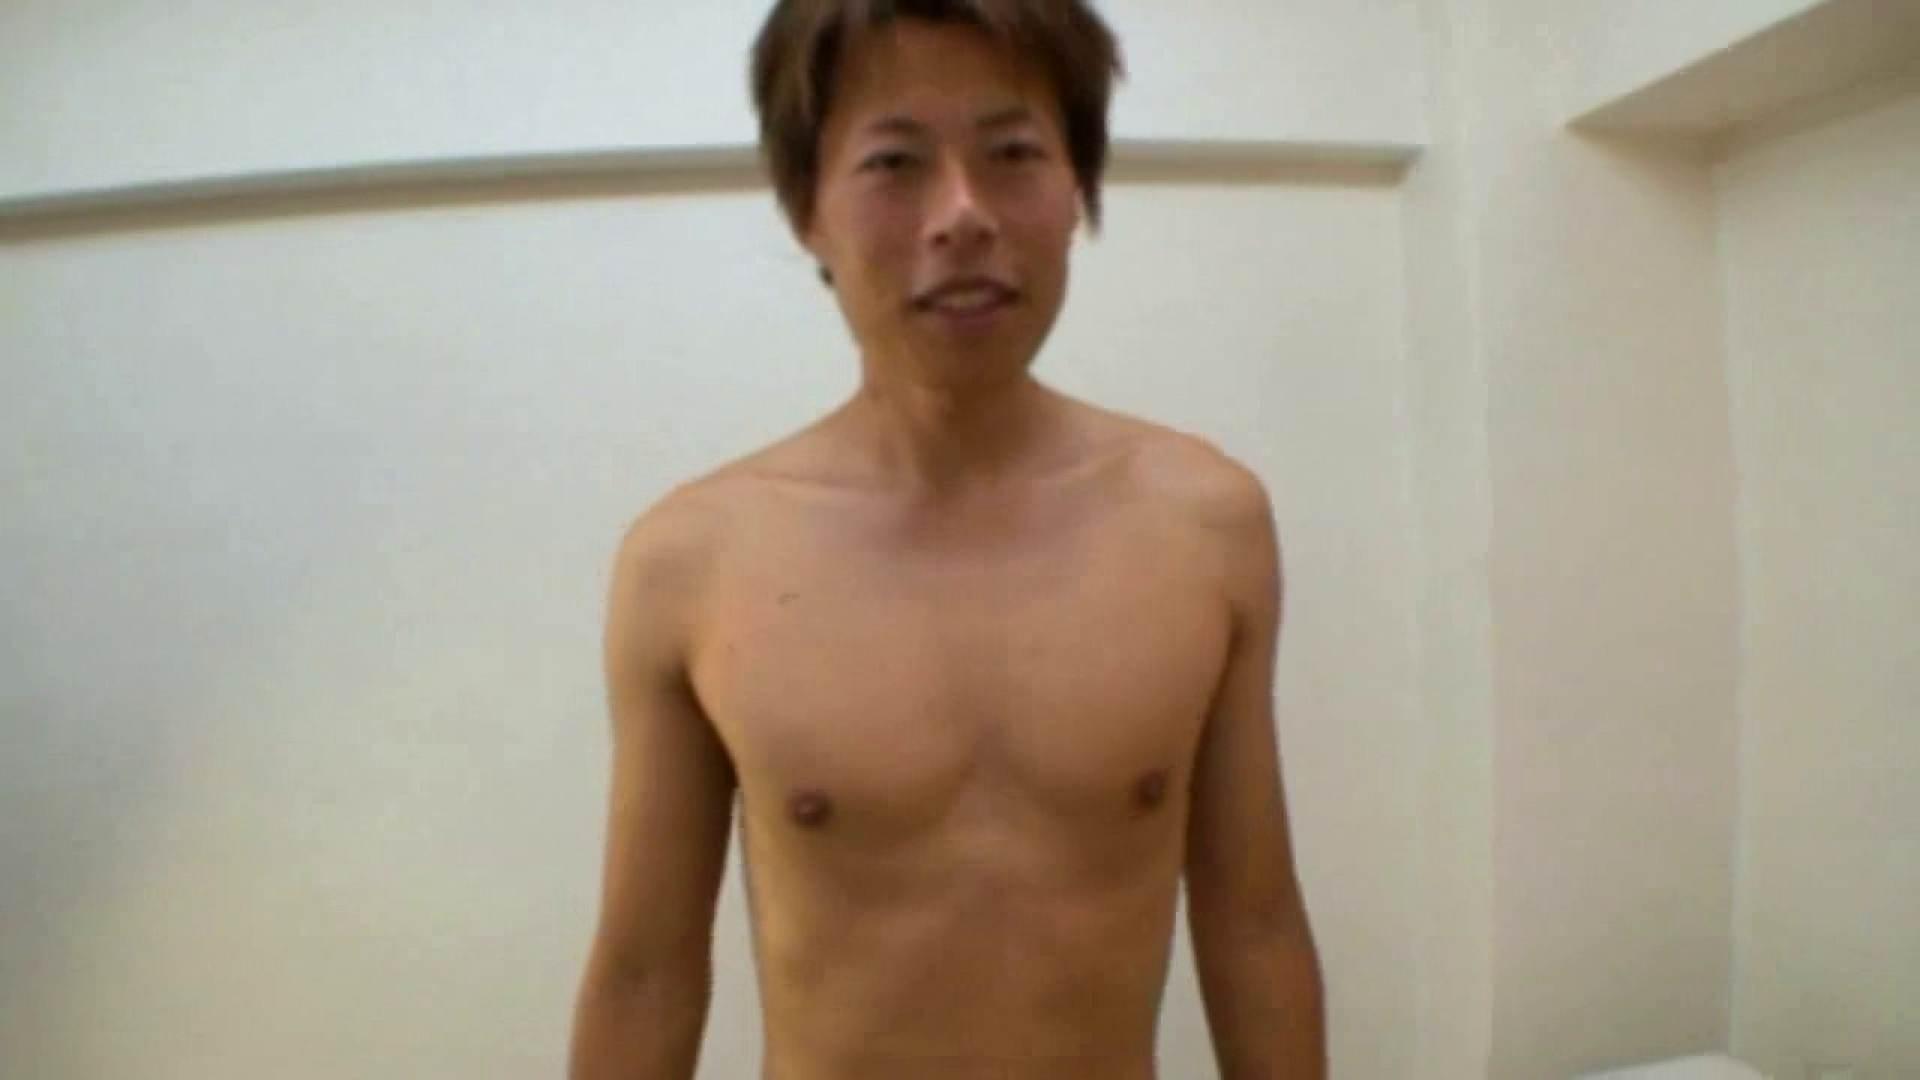 ノンケ!自慰スタジオ No.10 ノンケ一筋 男同士画像 47pic 46